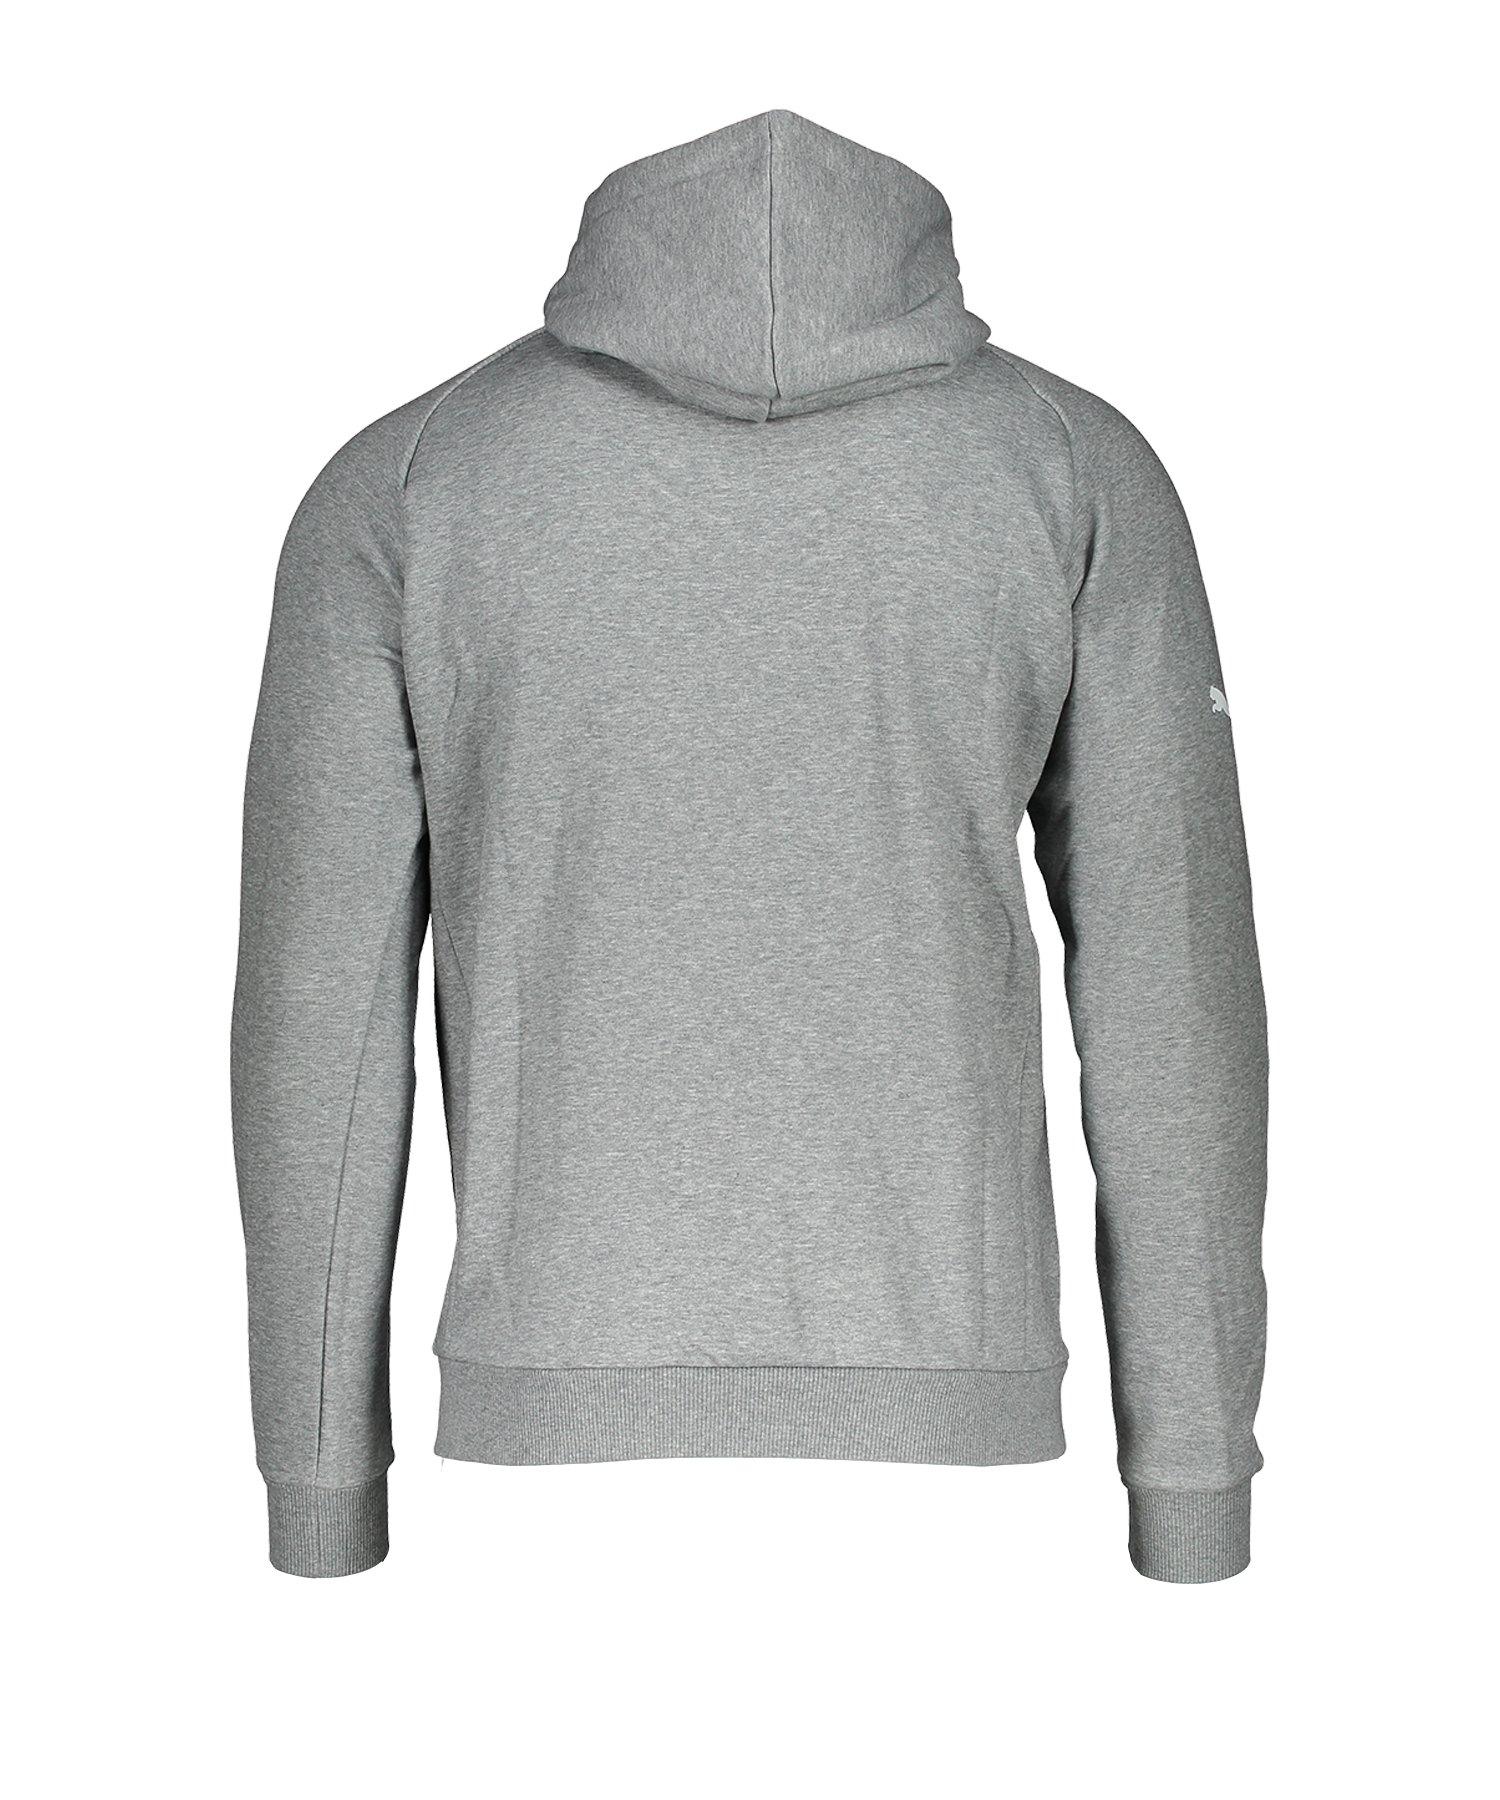 puma kapuzenpullover grau kinder 164